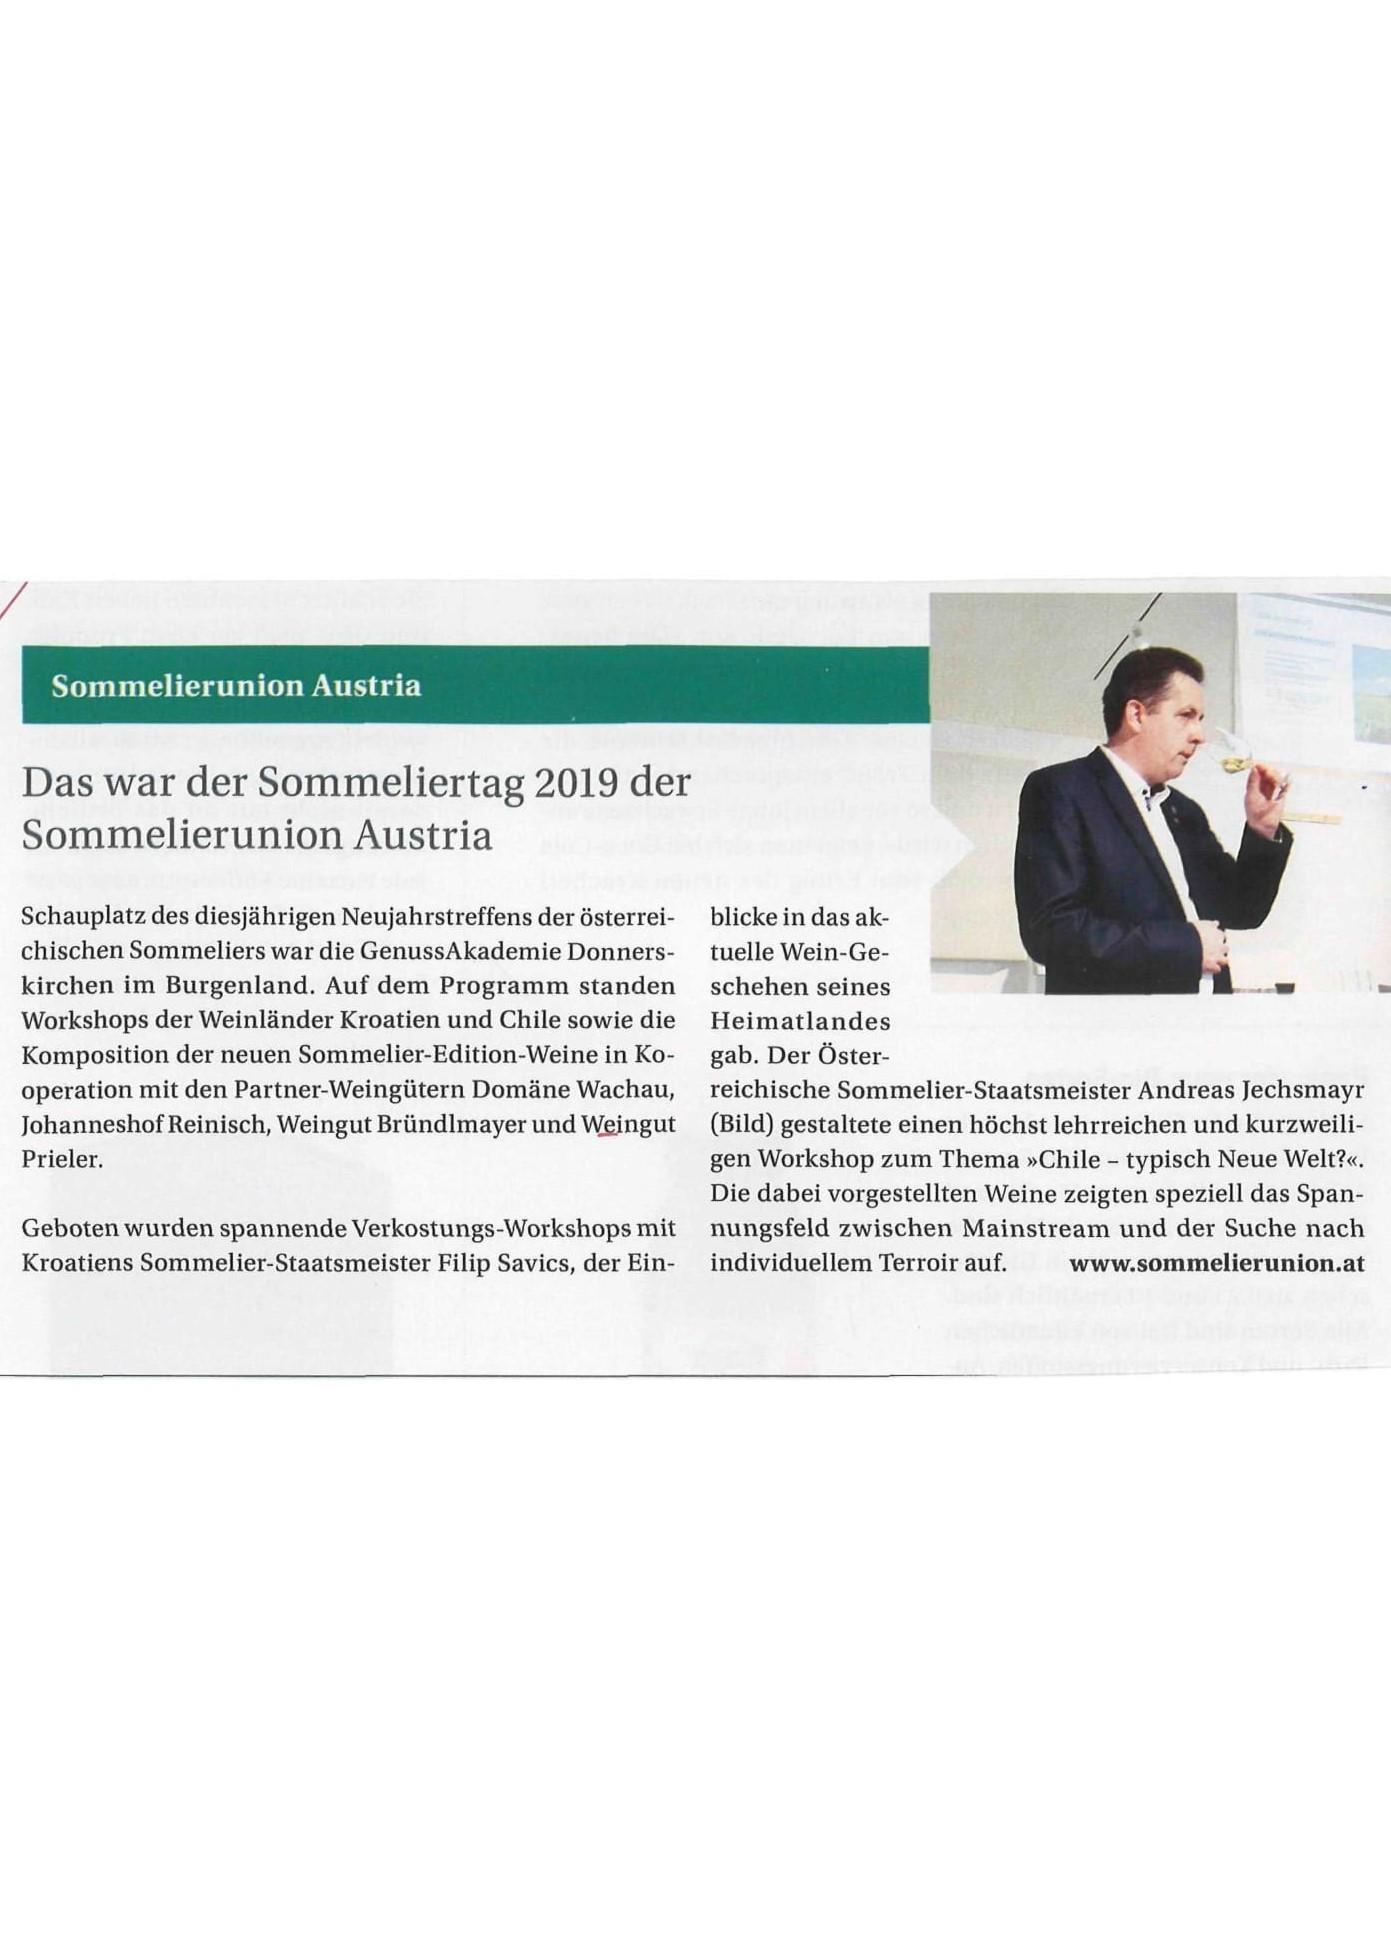 Sommelierunion Austria-Sommerliertag 2019